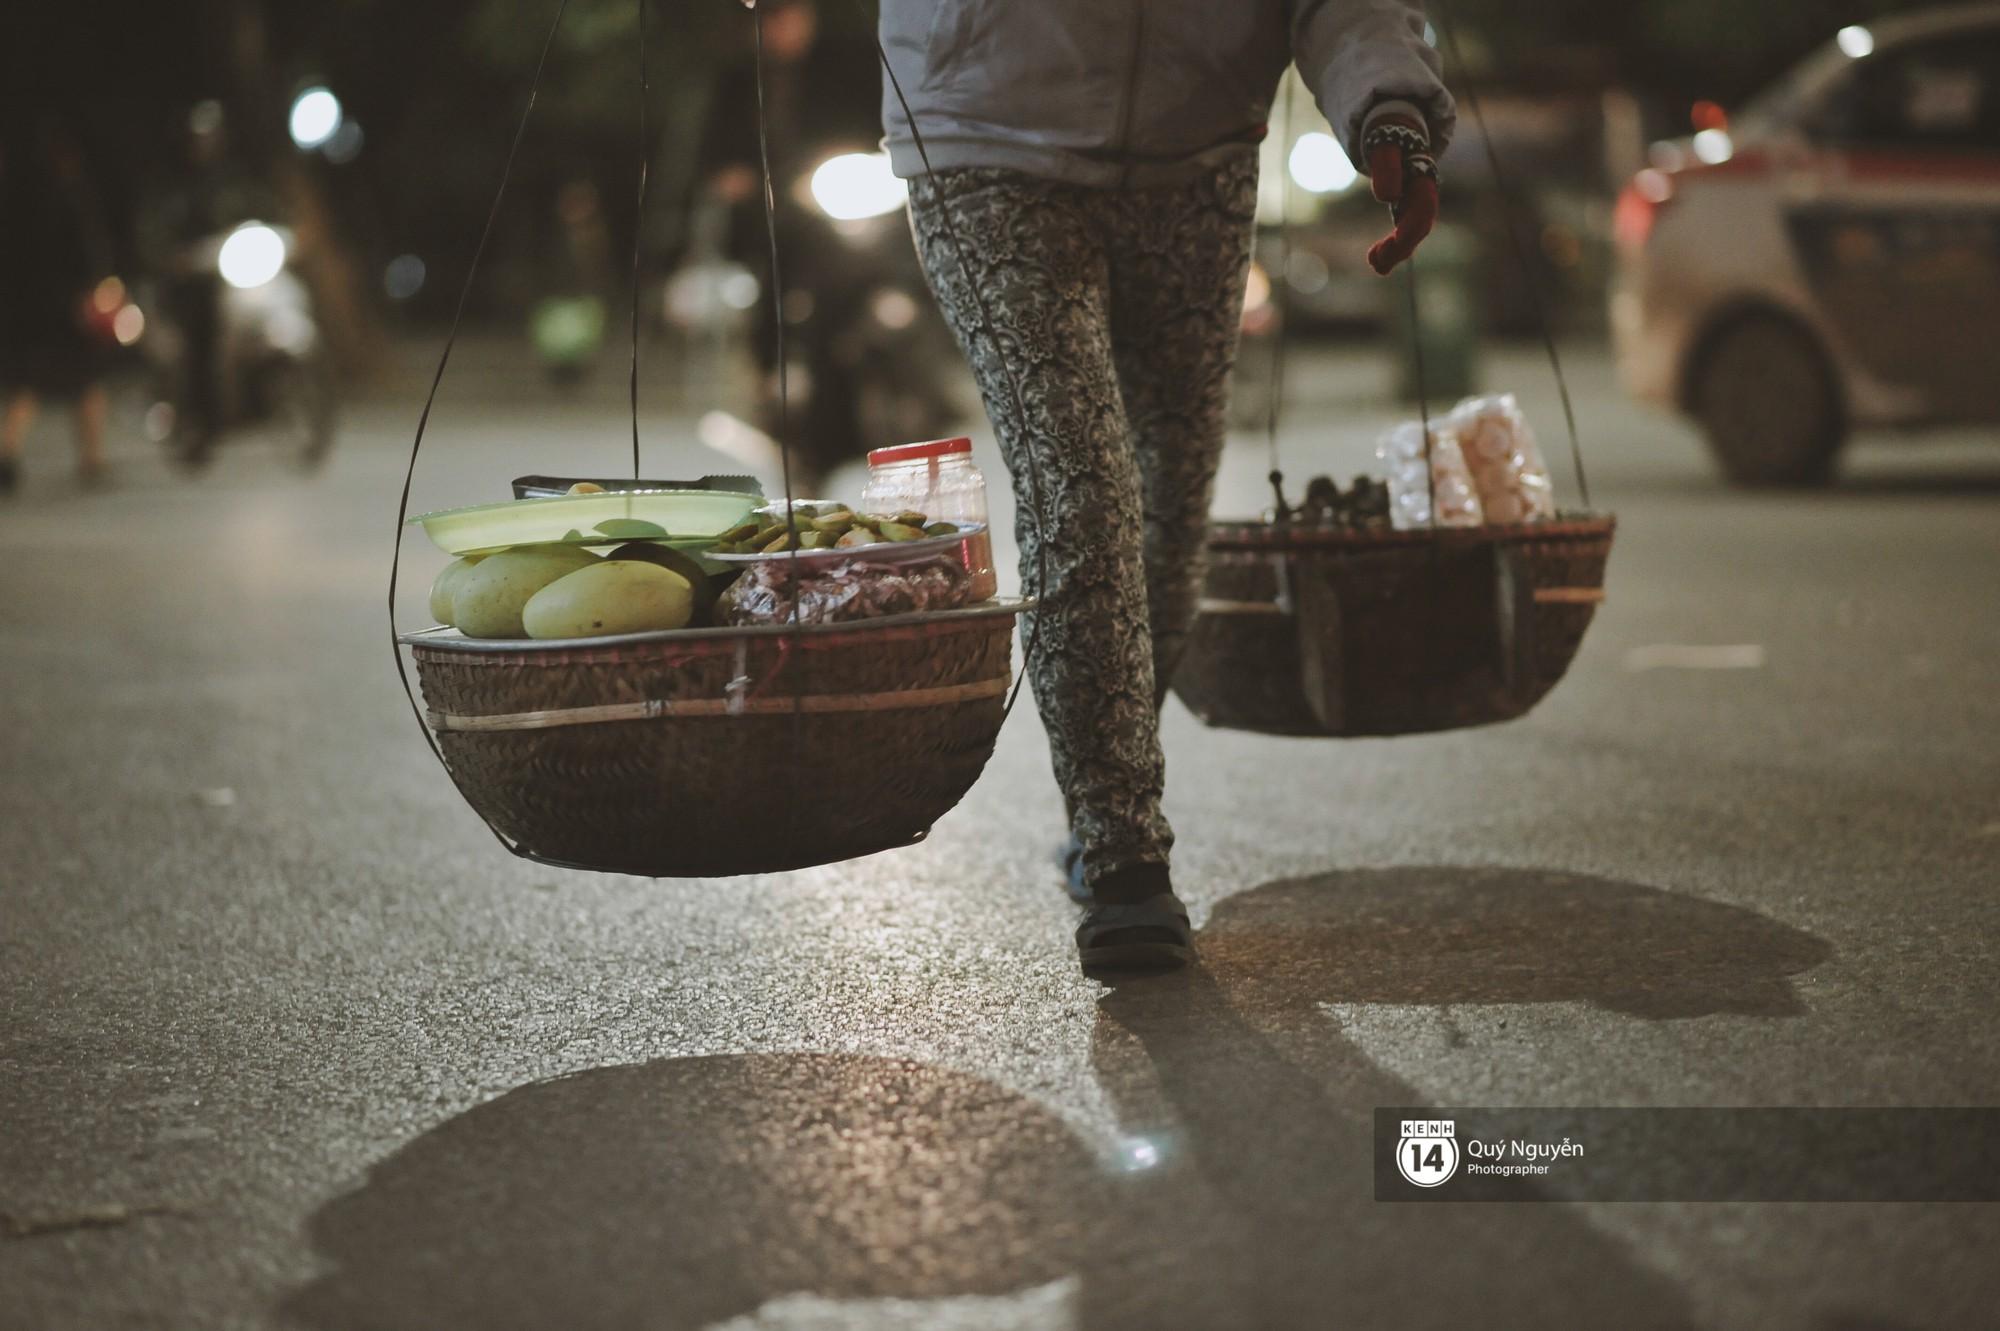 Chùm ảnh: Hà Nội giá rét 10 độ, một chiếc thùng carton hay manh áo mưa cũng khiến người lao động nghèo ấm hơn - Ảnh 17.